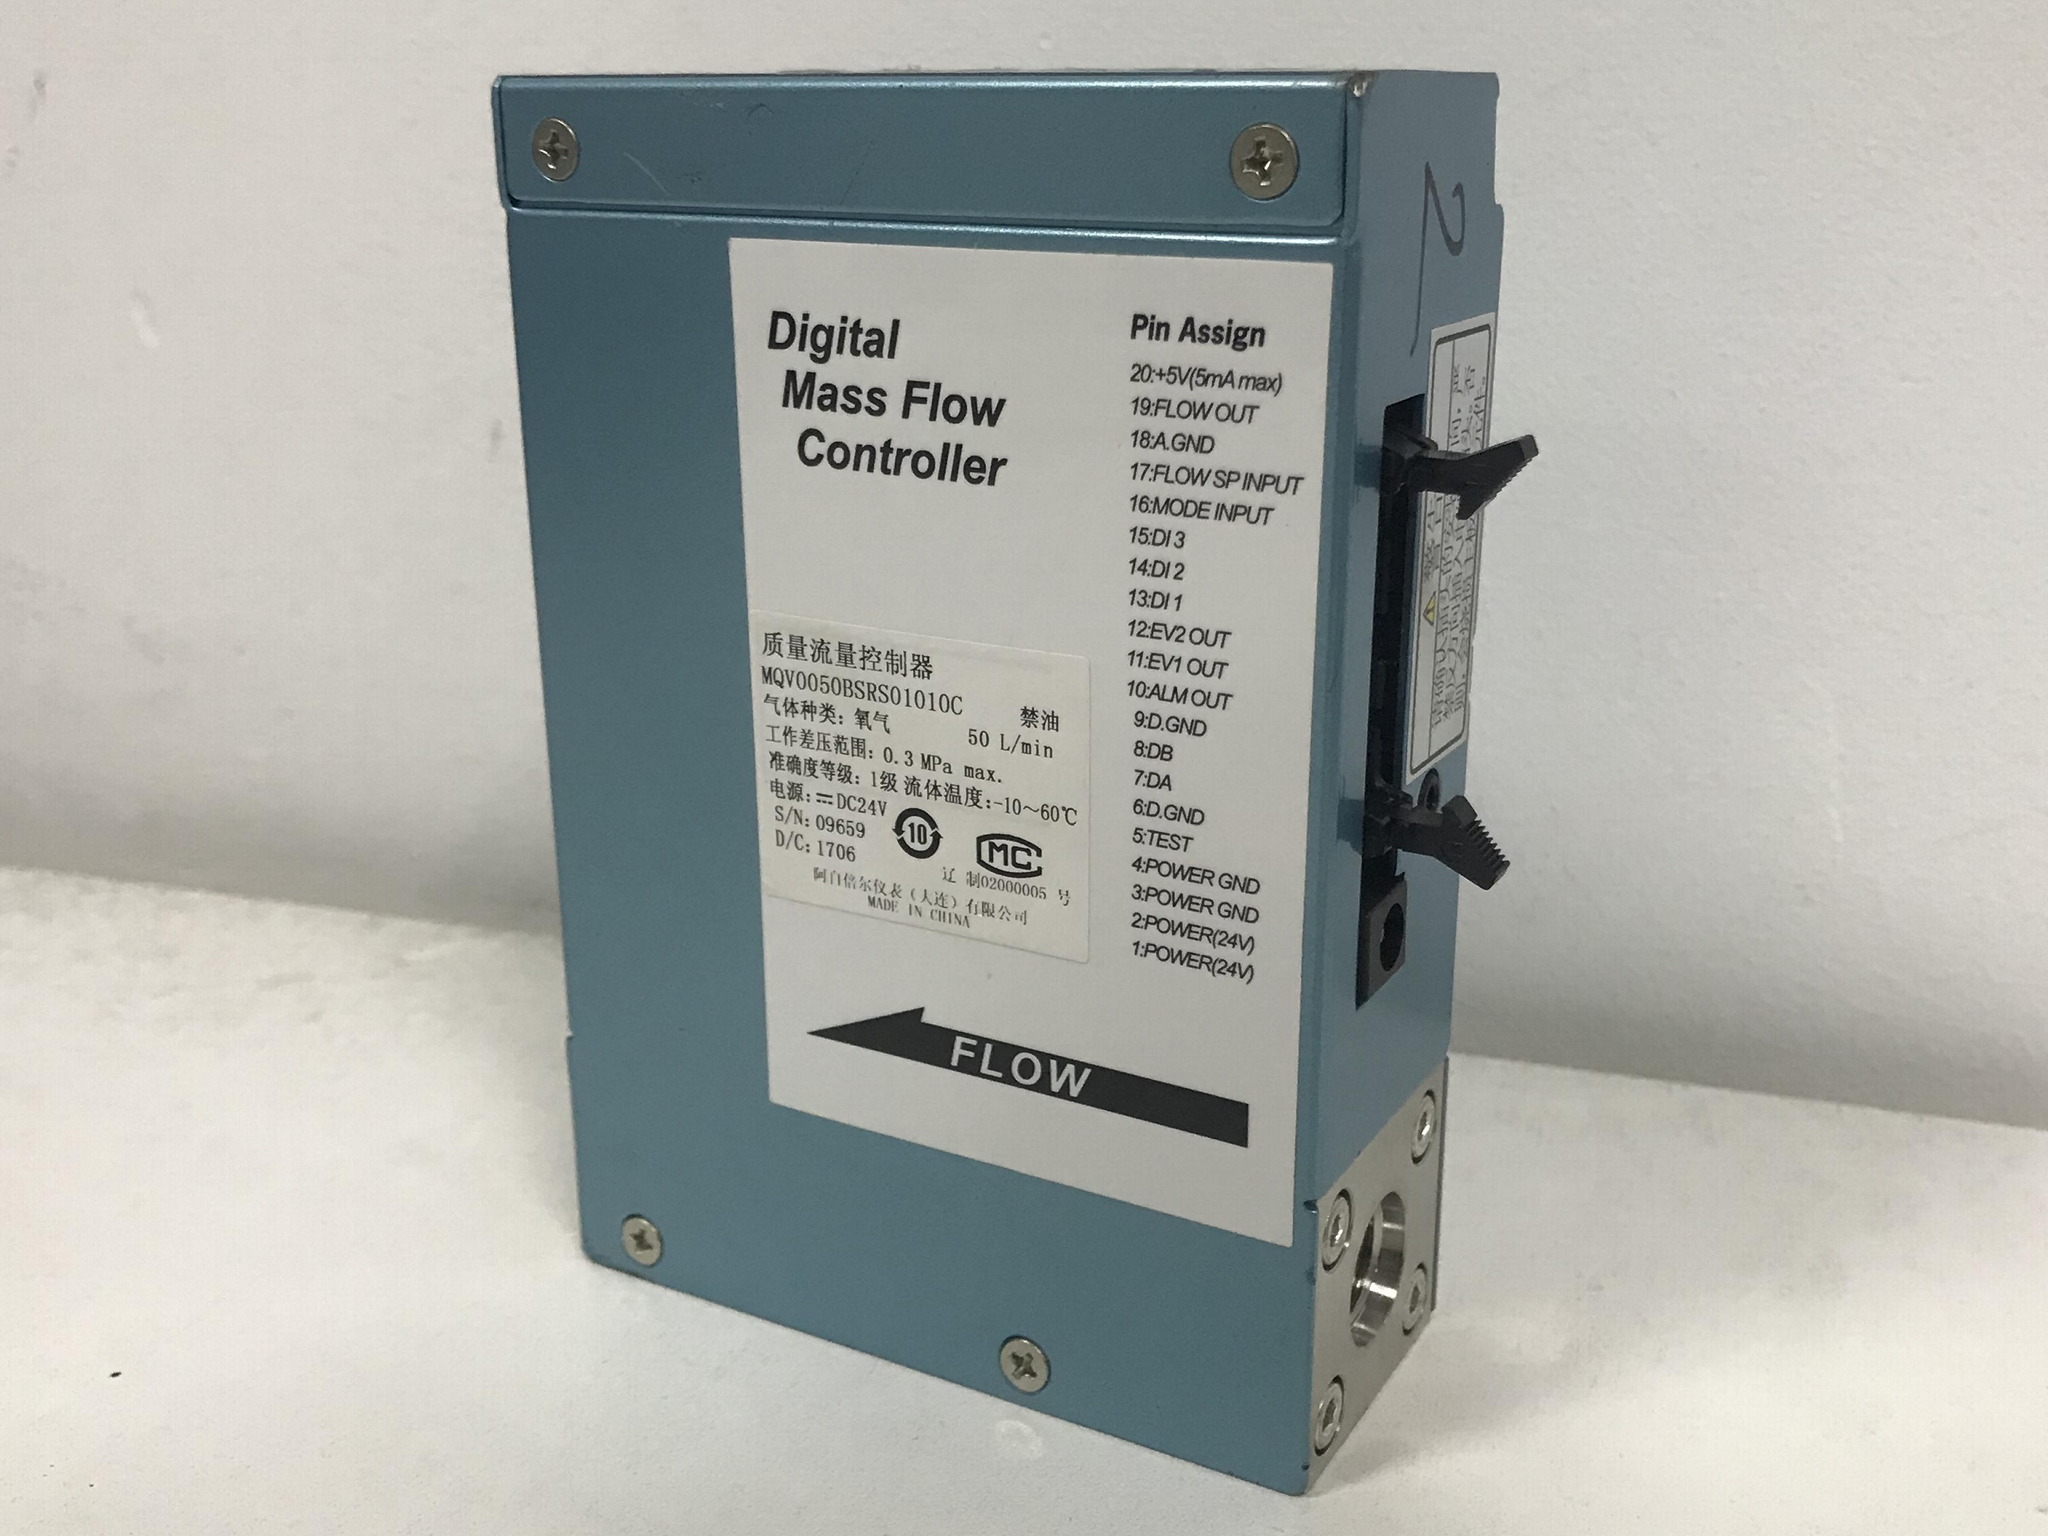 山武流量計 azbil 氣體質量流量控制器 MQV0050BSSN01010C 2